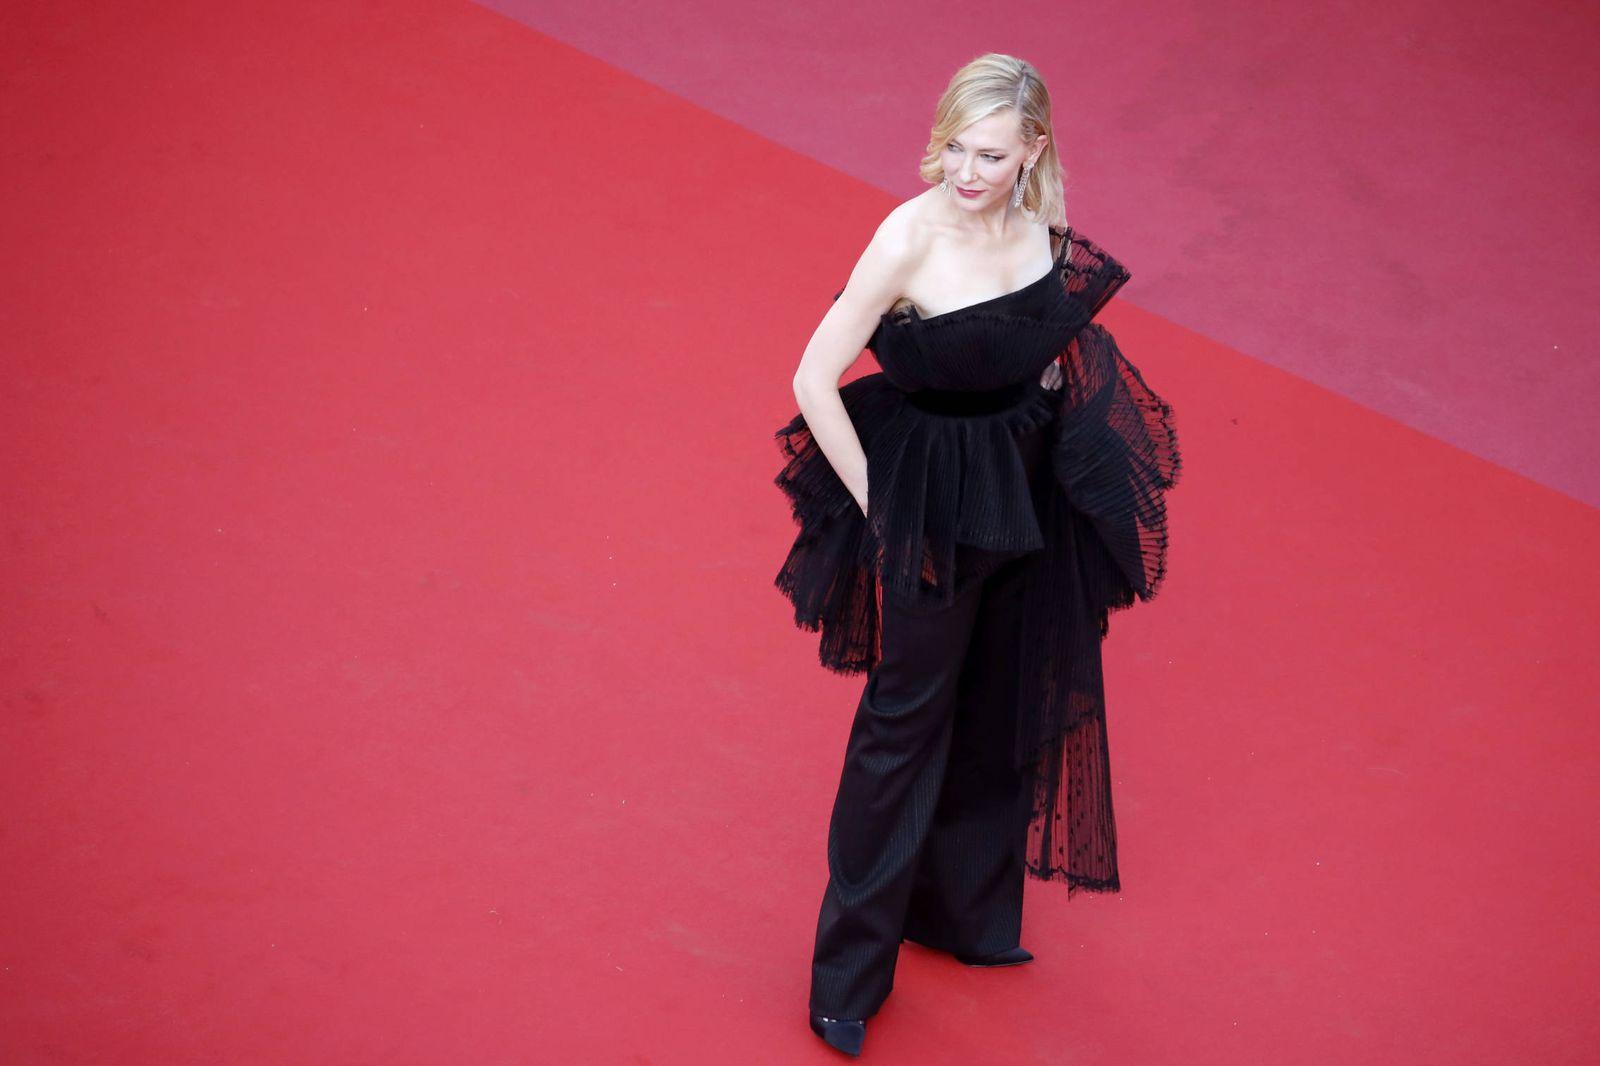 Festival de Cannes: Cate Blanchett, reina del glamour absoluta en el ...